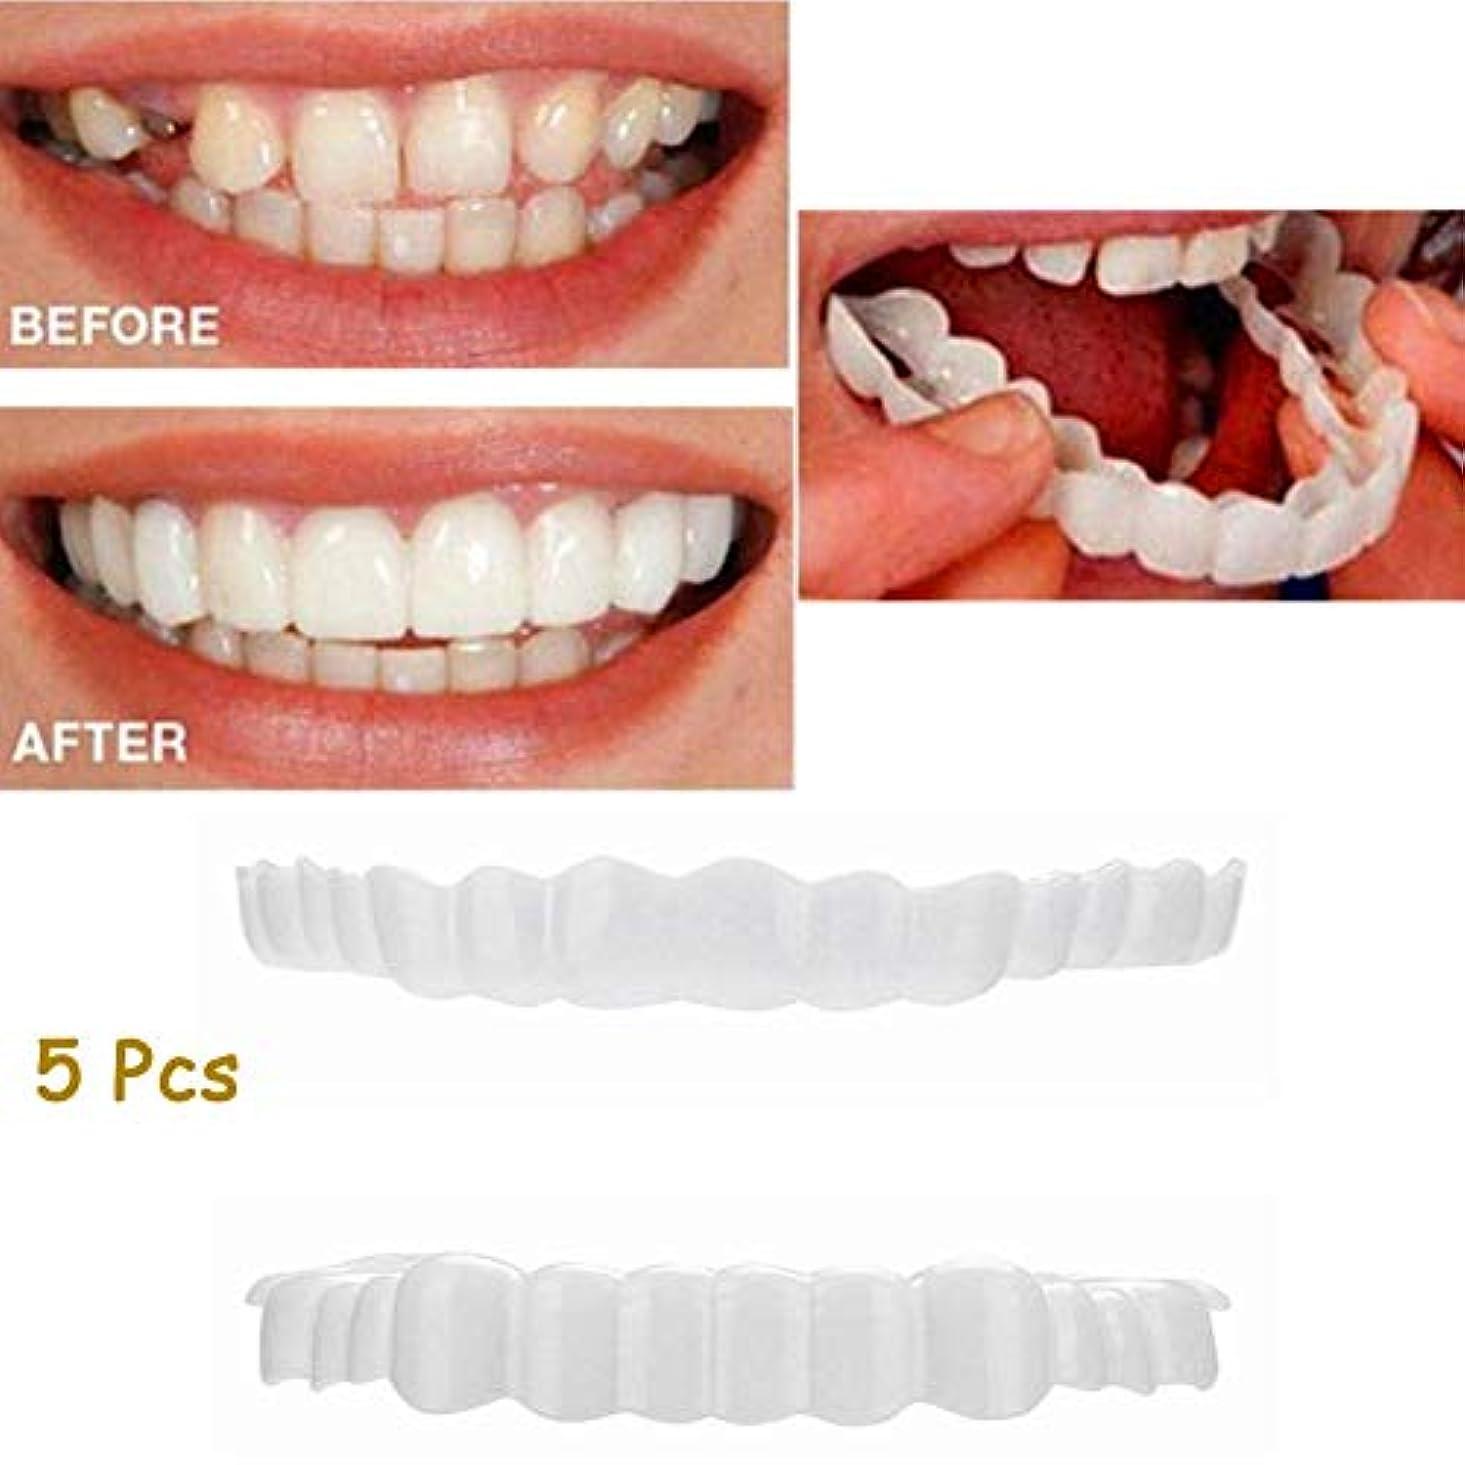 ナサニエル区蒸気スコア5本の上歯+下歯セット偽の歯を白くする完璧な化粧品の歯